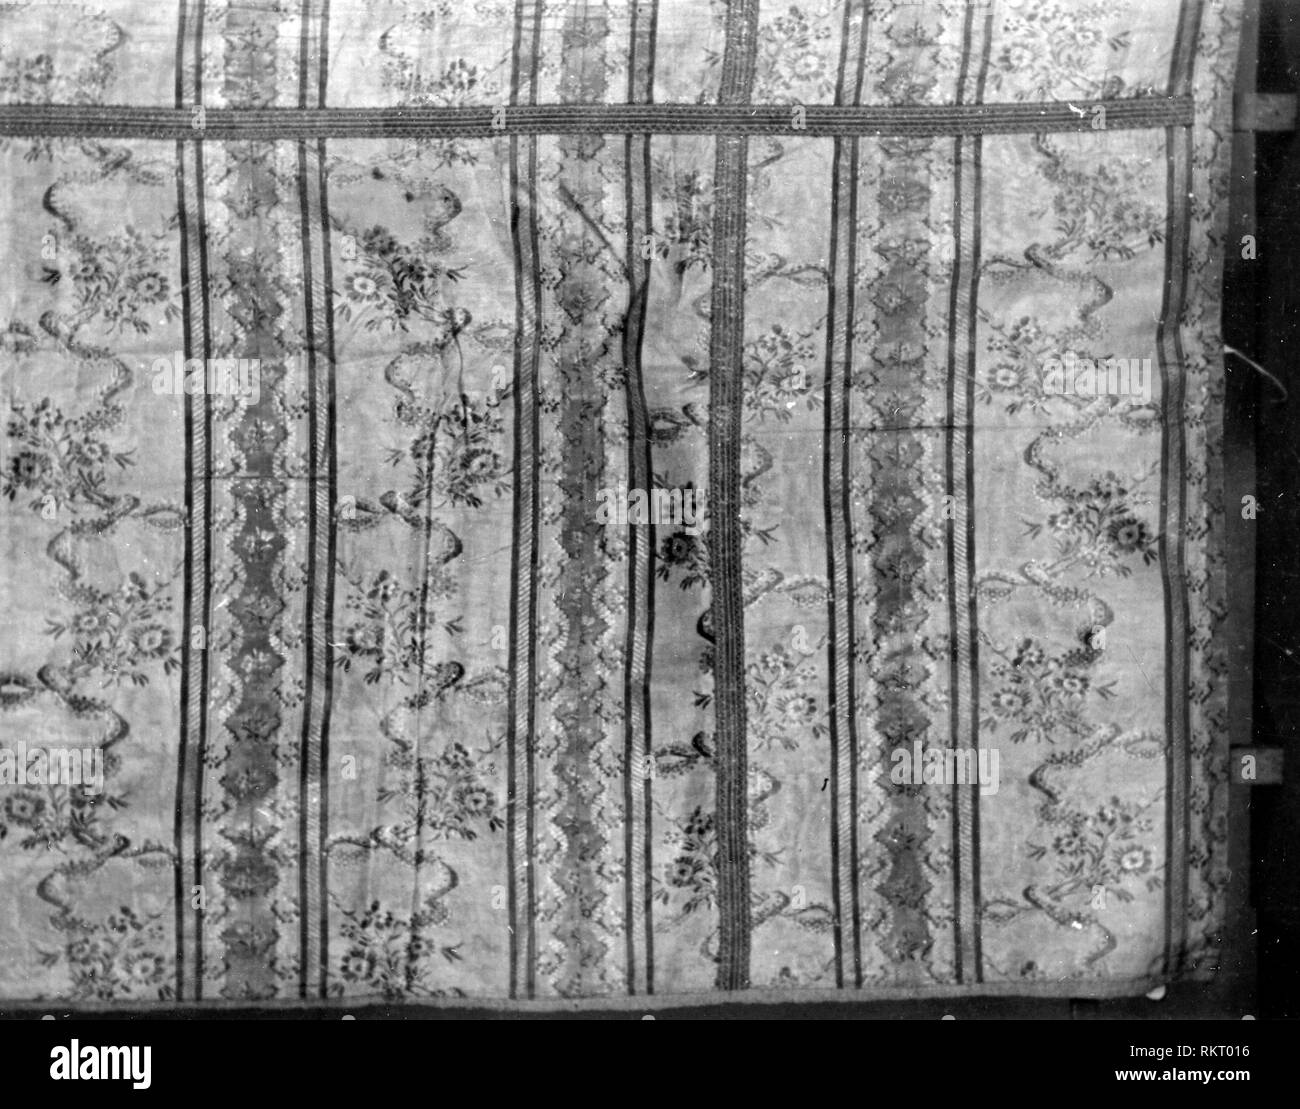 Pannello - 1780/90 - Francia - Provenienza: Francia, Data: 1780-1790, dimensioni: 259 × 104,2 cm (102 × 41 in). Immagini Stock